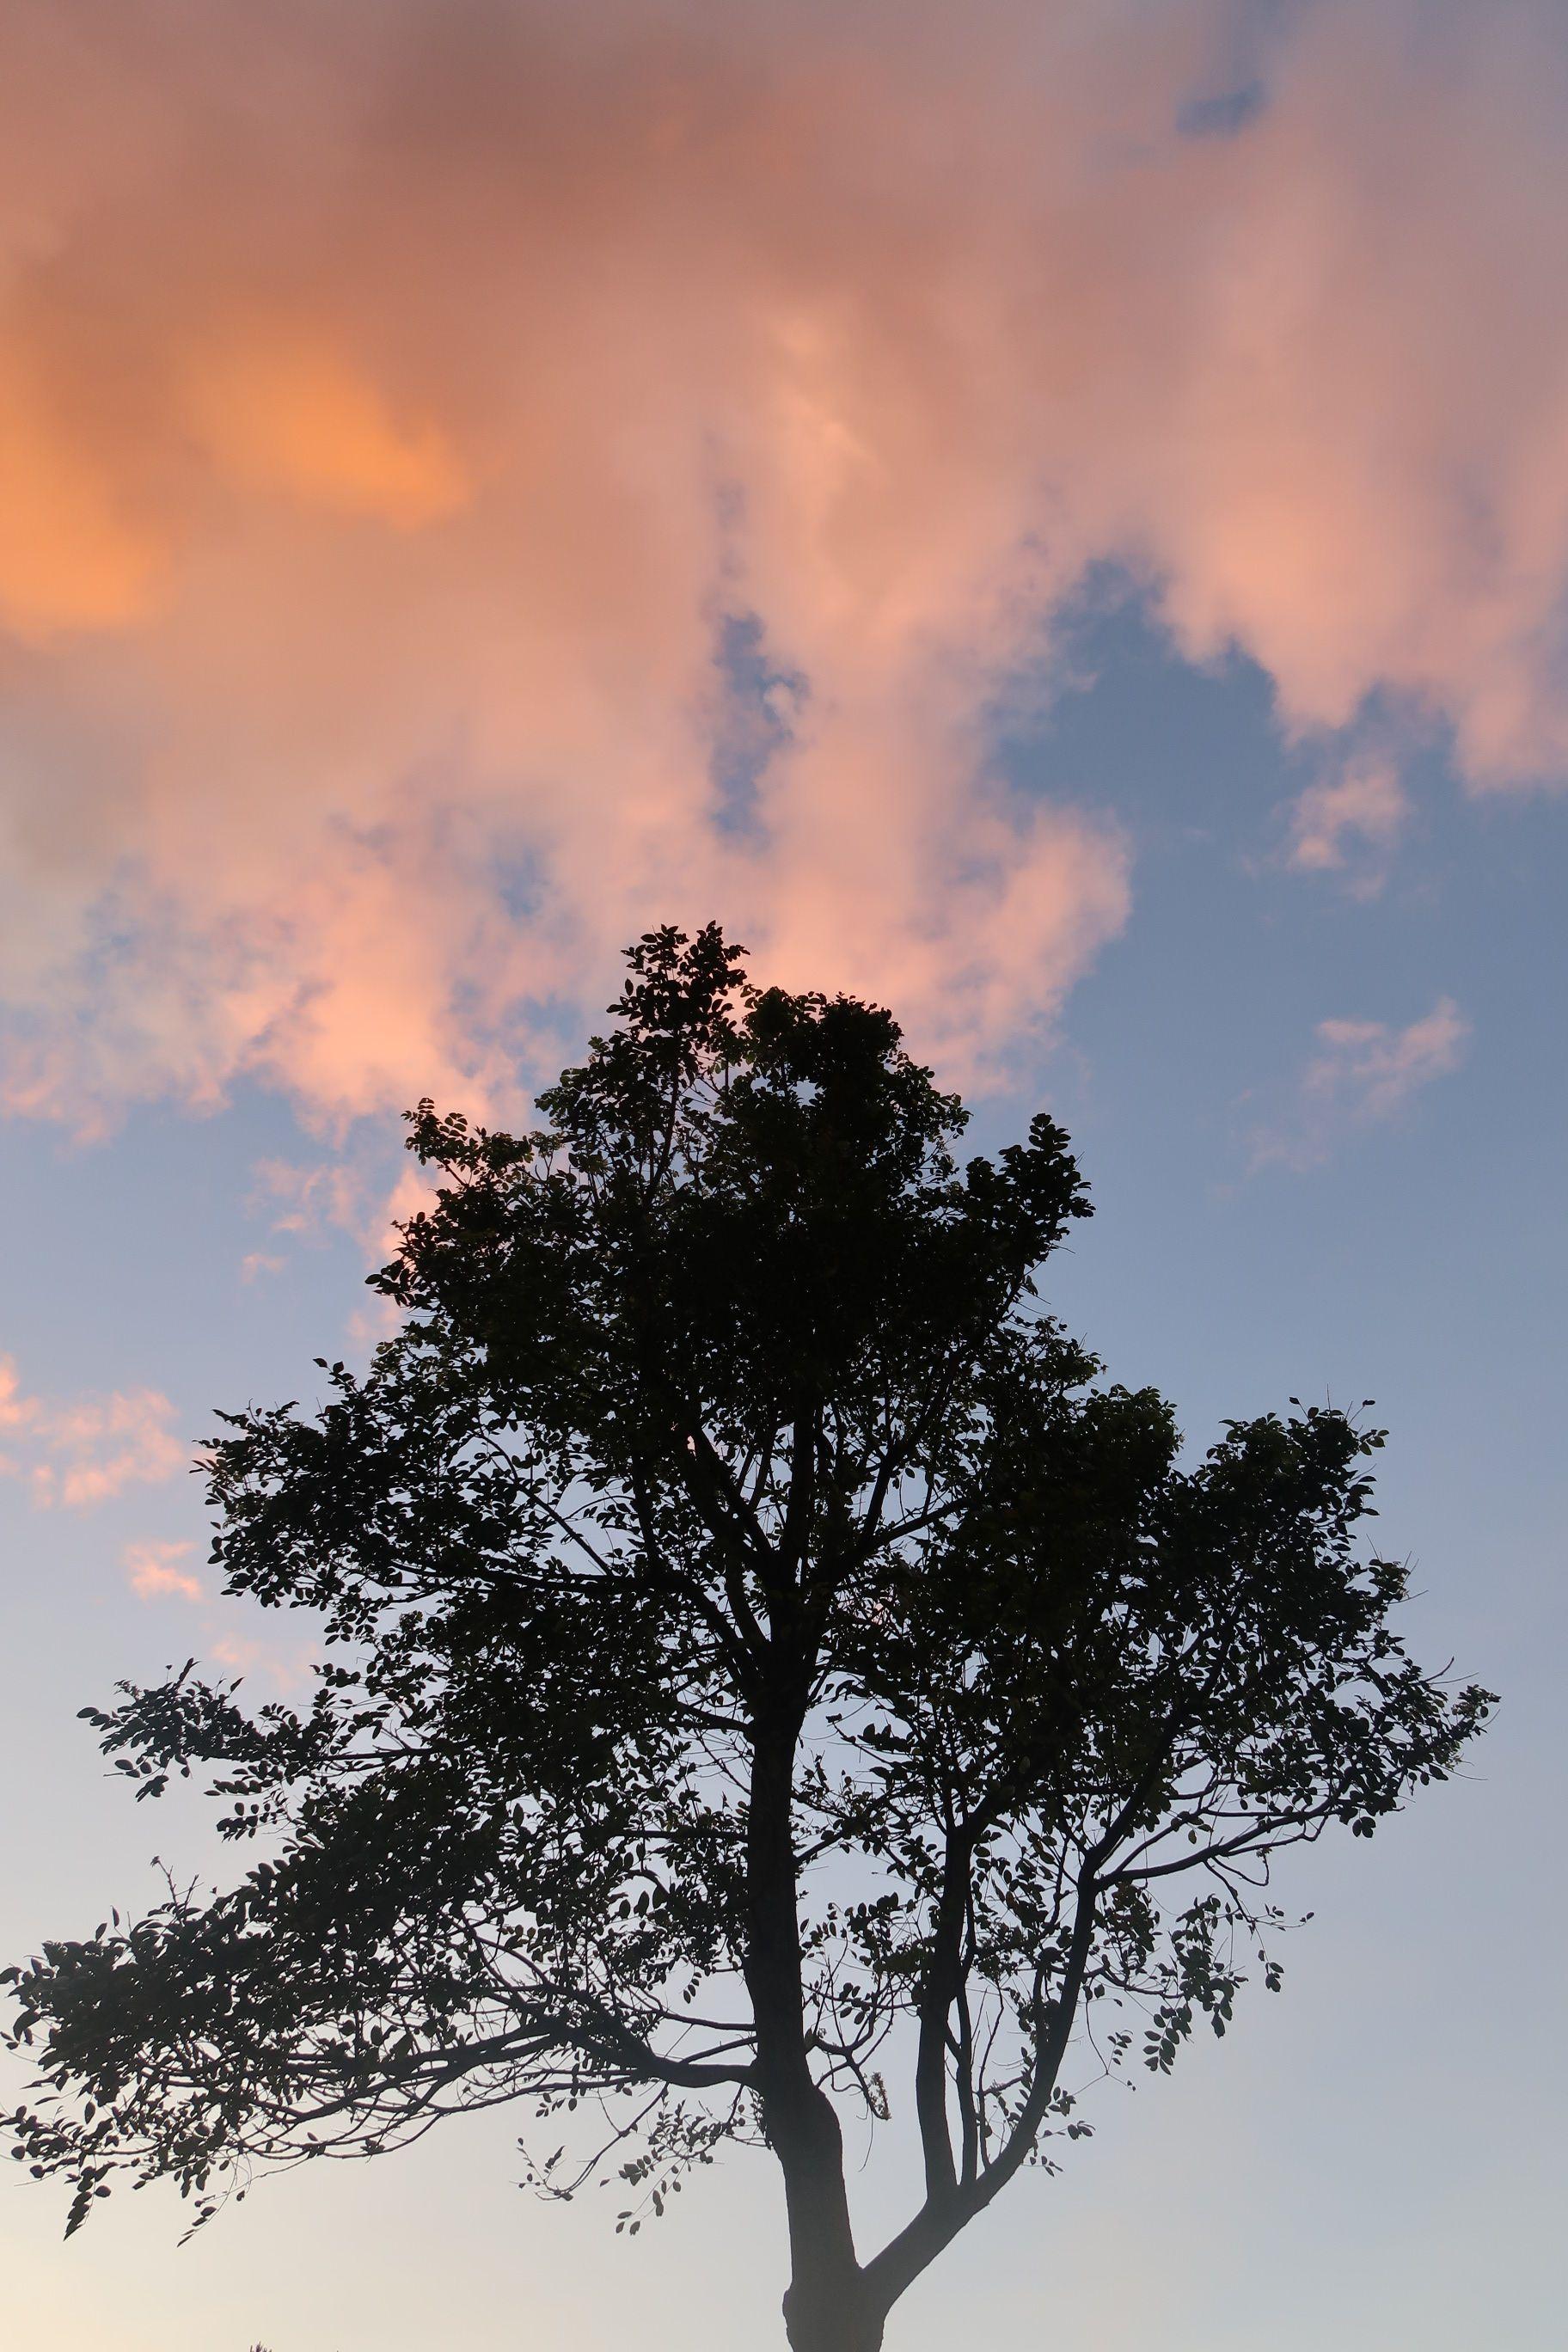 Langit Senja D'pakar Bandung Langit, Pemandangan anime